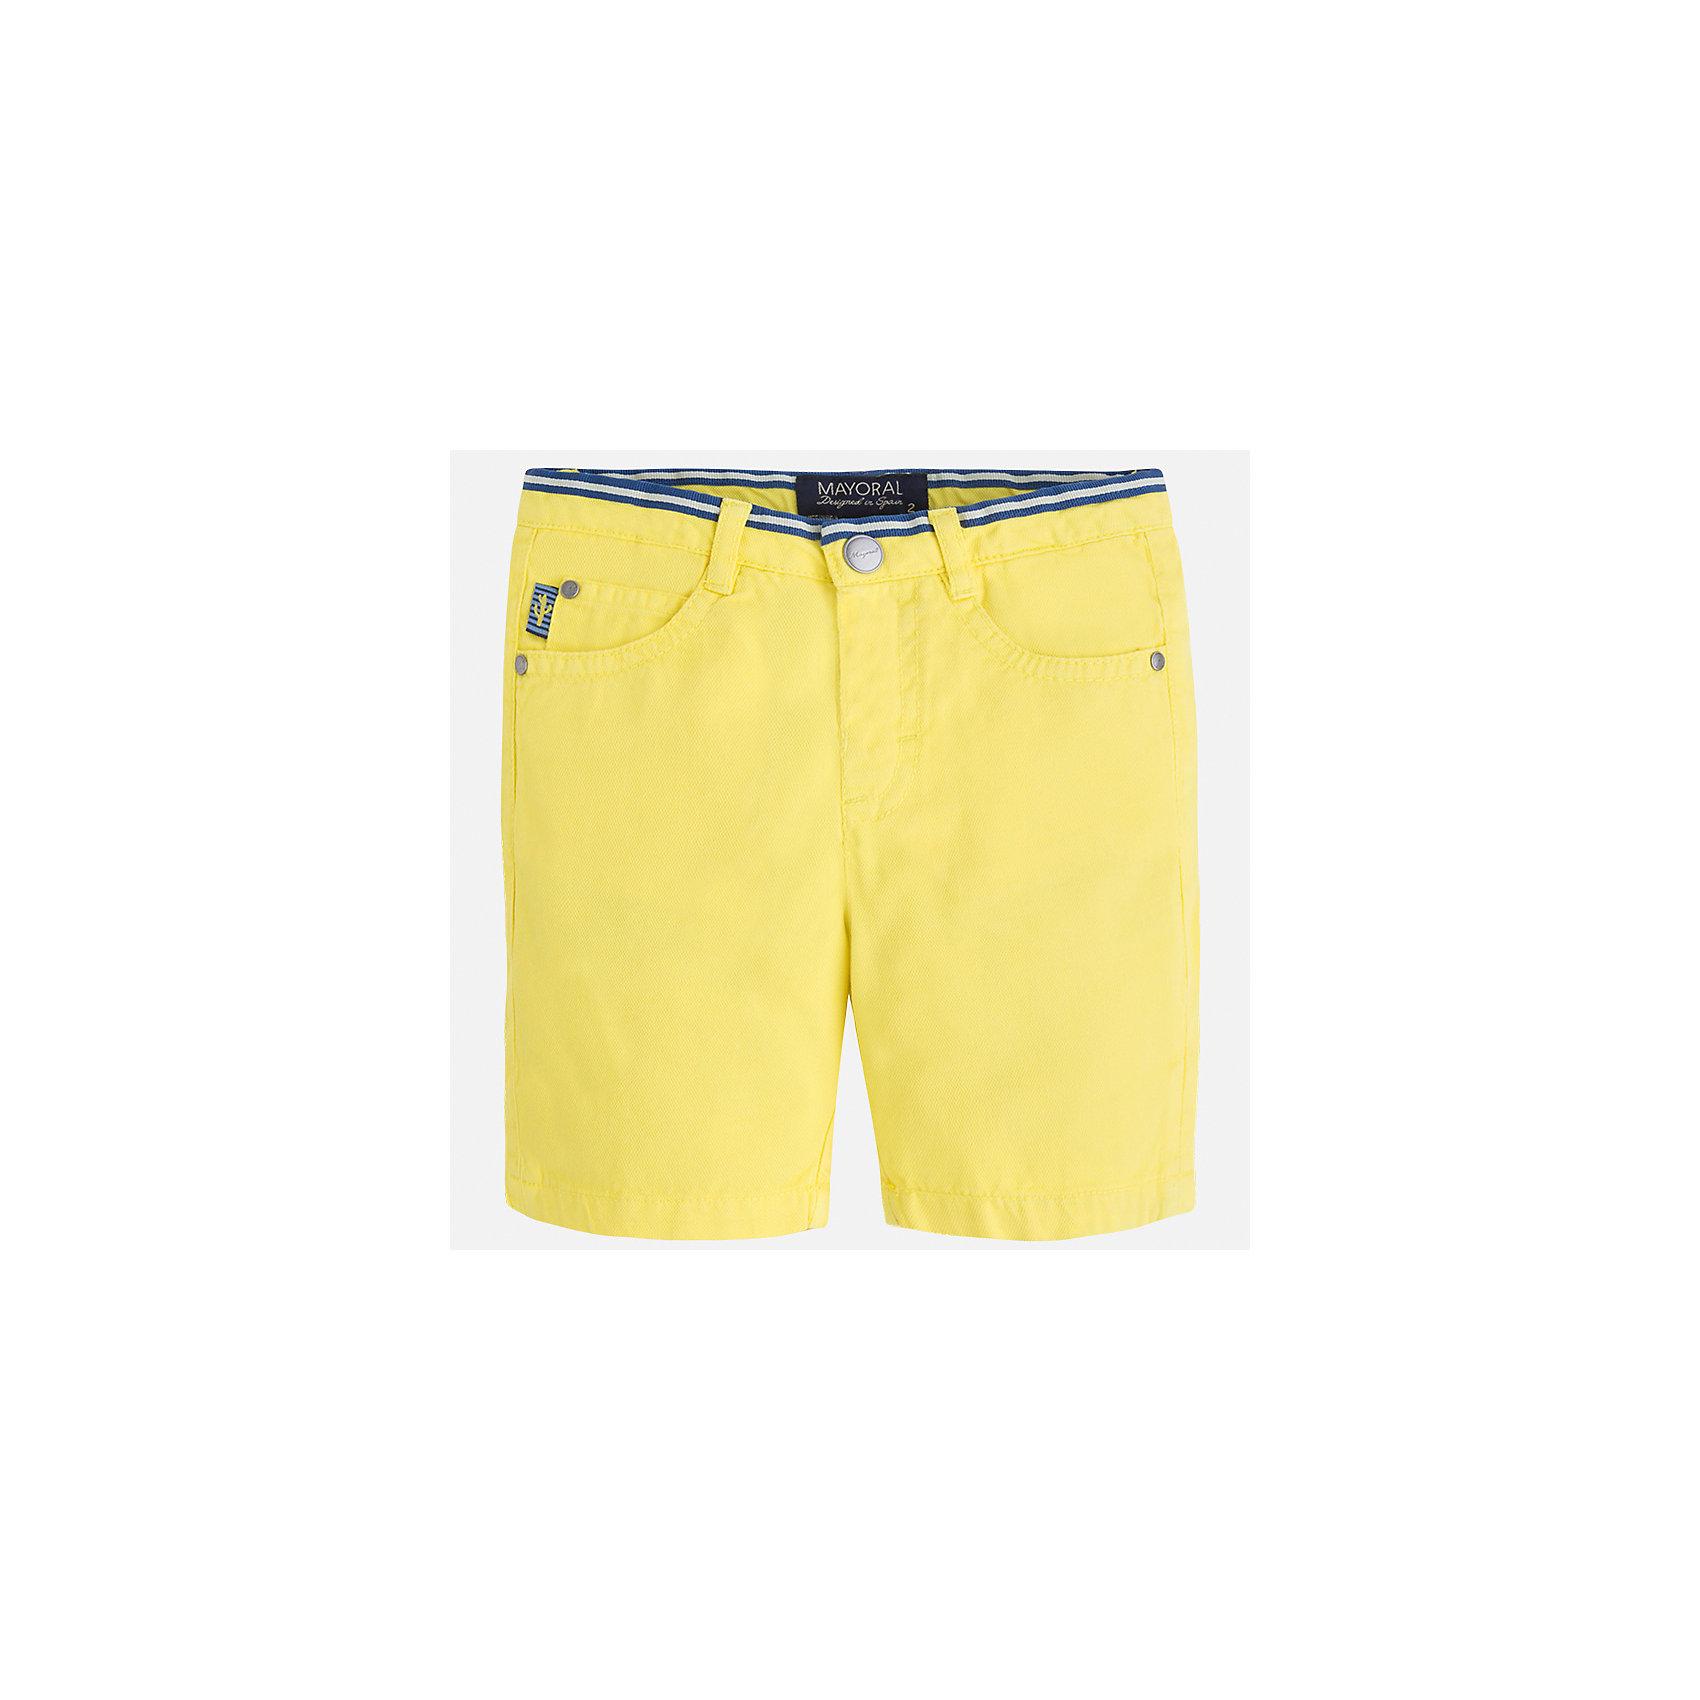 Бриджи для мальчика MayoralШорты, бриджи, капри<br>Характеристики товара:<br><br>• цвет: желтый<br>• состав: 100% хлопок<br>• шлевки<br>• карманы<br>• пояс с регулировкой объема<br>• классический крой<br>• страна бренда: Испания<br><br>Модные бриджи для мальчика смогут стать базовой вещью в гардеробе ребенка. Они отлично сочетаются с майками, футболками, рубашками и т.д. Универсальный крой и цвет позволяет подобрать к вещи верх разных расцветок. Практичное и стильное изделие! В составе материала - натуральный хлопок, гипоаллергенный, приятный на ощупь, дышащий.<br><br>Одежда, обувь и аксессуары от испанского бренда Mayoral полюбились детям и взрослым по всему миру. Модели этой марки - стильные и удобные. Для их производства используются только безопасные, качественные материалы и фурнитура. Порадуйте ребенка модными и красивыми вещами от Mayoral! <br><br>Бриджи для мальчика от испанского бренда Mayoral (Майорал) можно купить в нашем интернет-магазине.<br><br>Ширина мм: 191<br>Глубина мм: 10<br>Высота мм: 175<br>Вес г: 273<br>Цвет: желтый<br>Возраст от месяцев: 60<br>Возраст до месяцев: 72<br>Пол: Мужской<br>Возраст: Детский<br>Размер: 116,104,92,122,134,98,128,110<br>SKU: 5272567